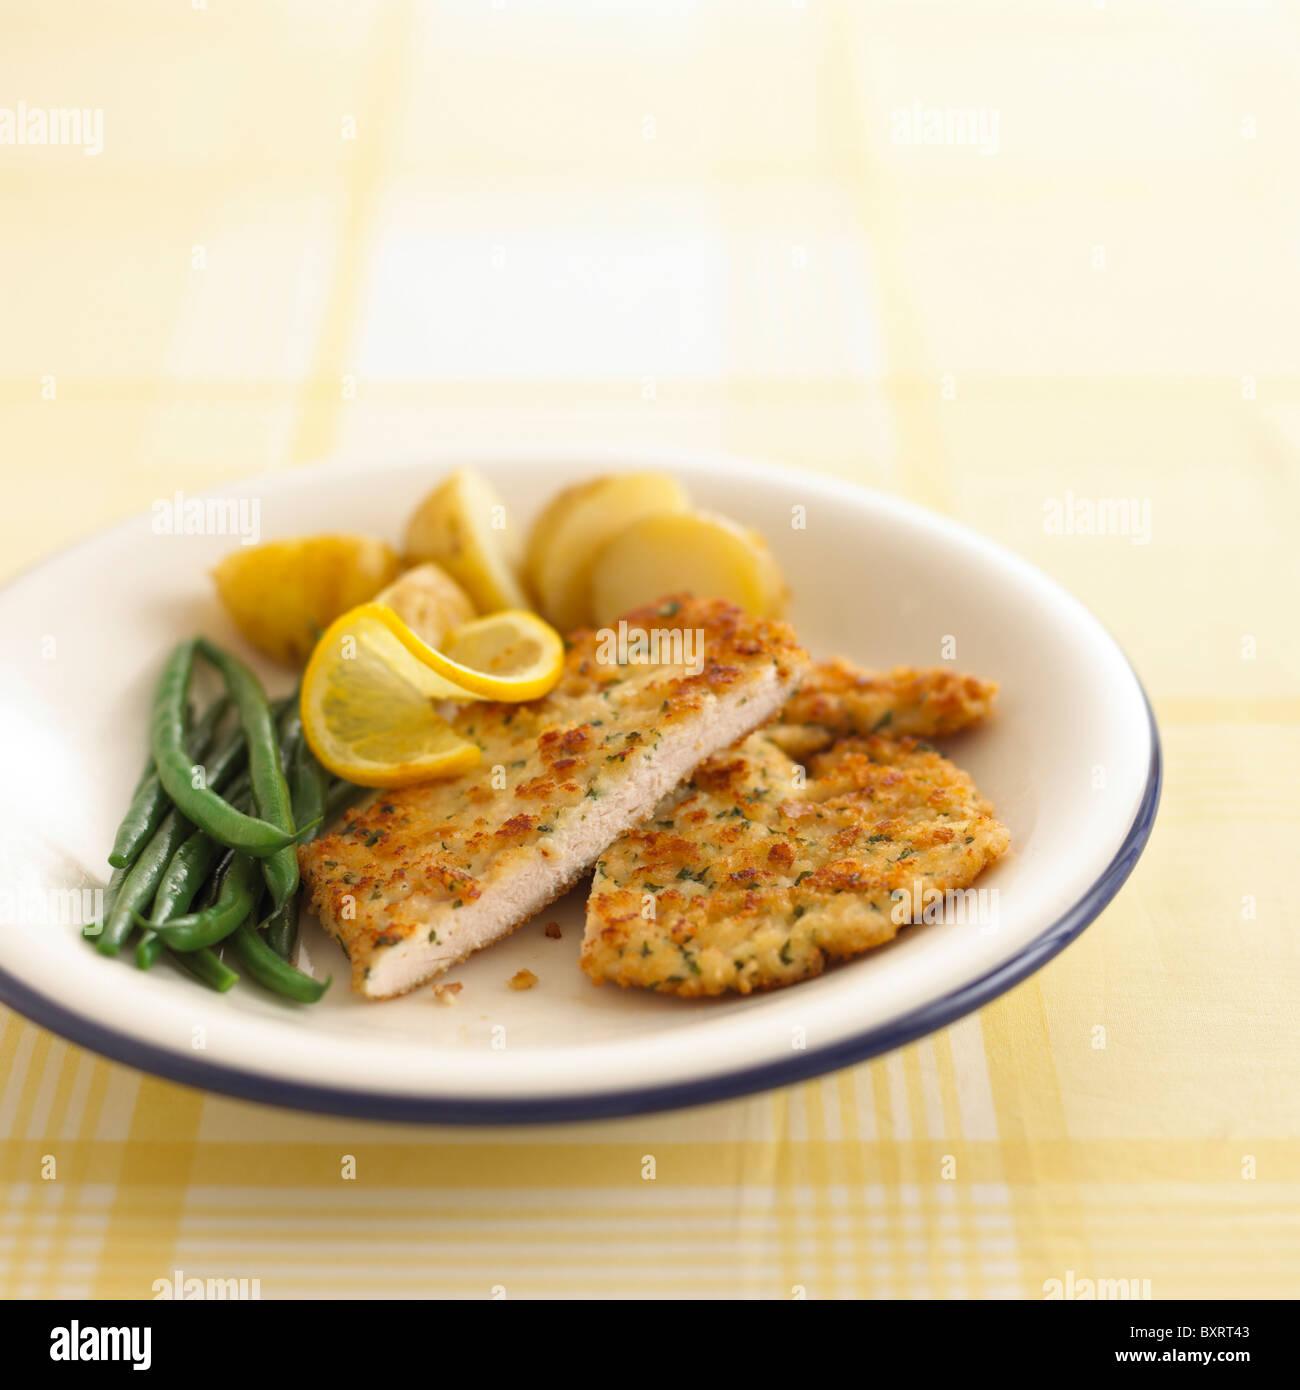 Escalope de pollo, judías verdes y patatas nuevas en la placa blanca. Imagen De Stock